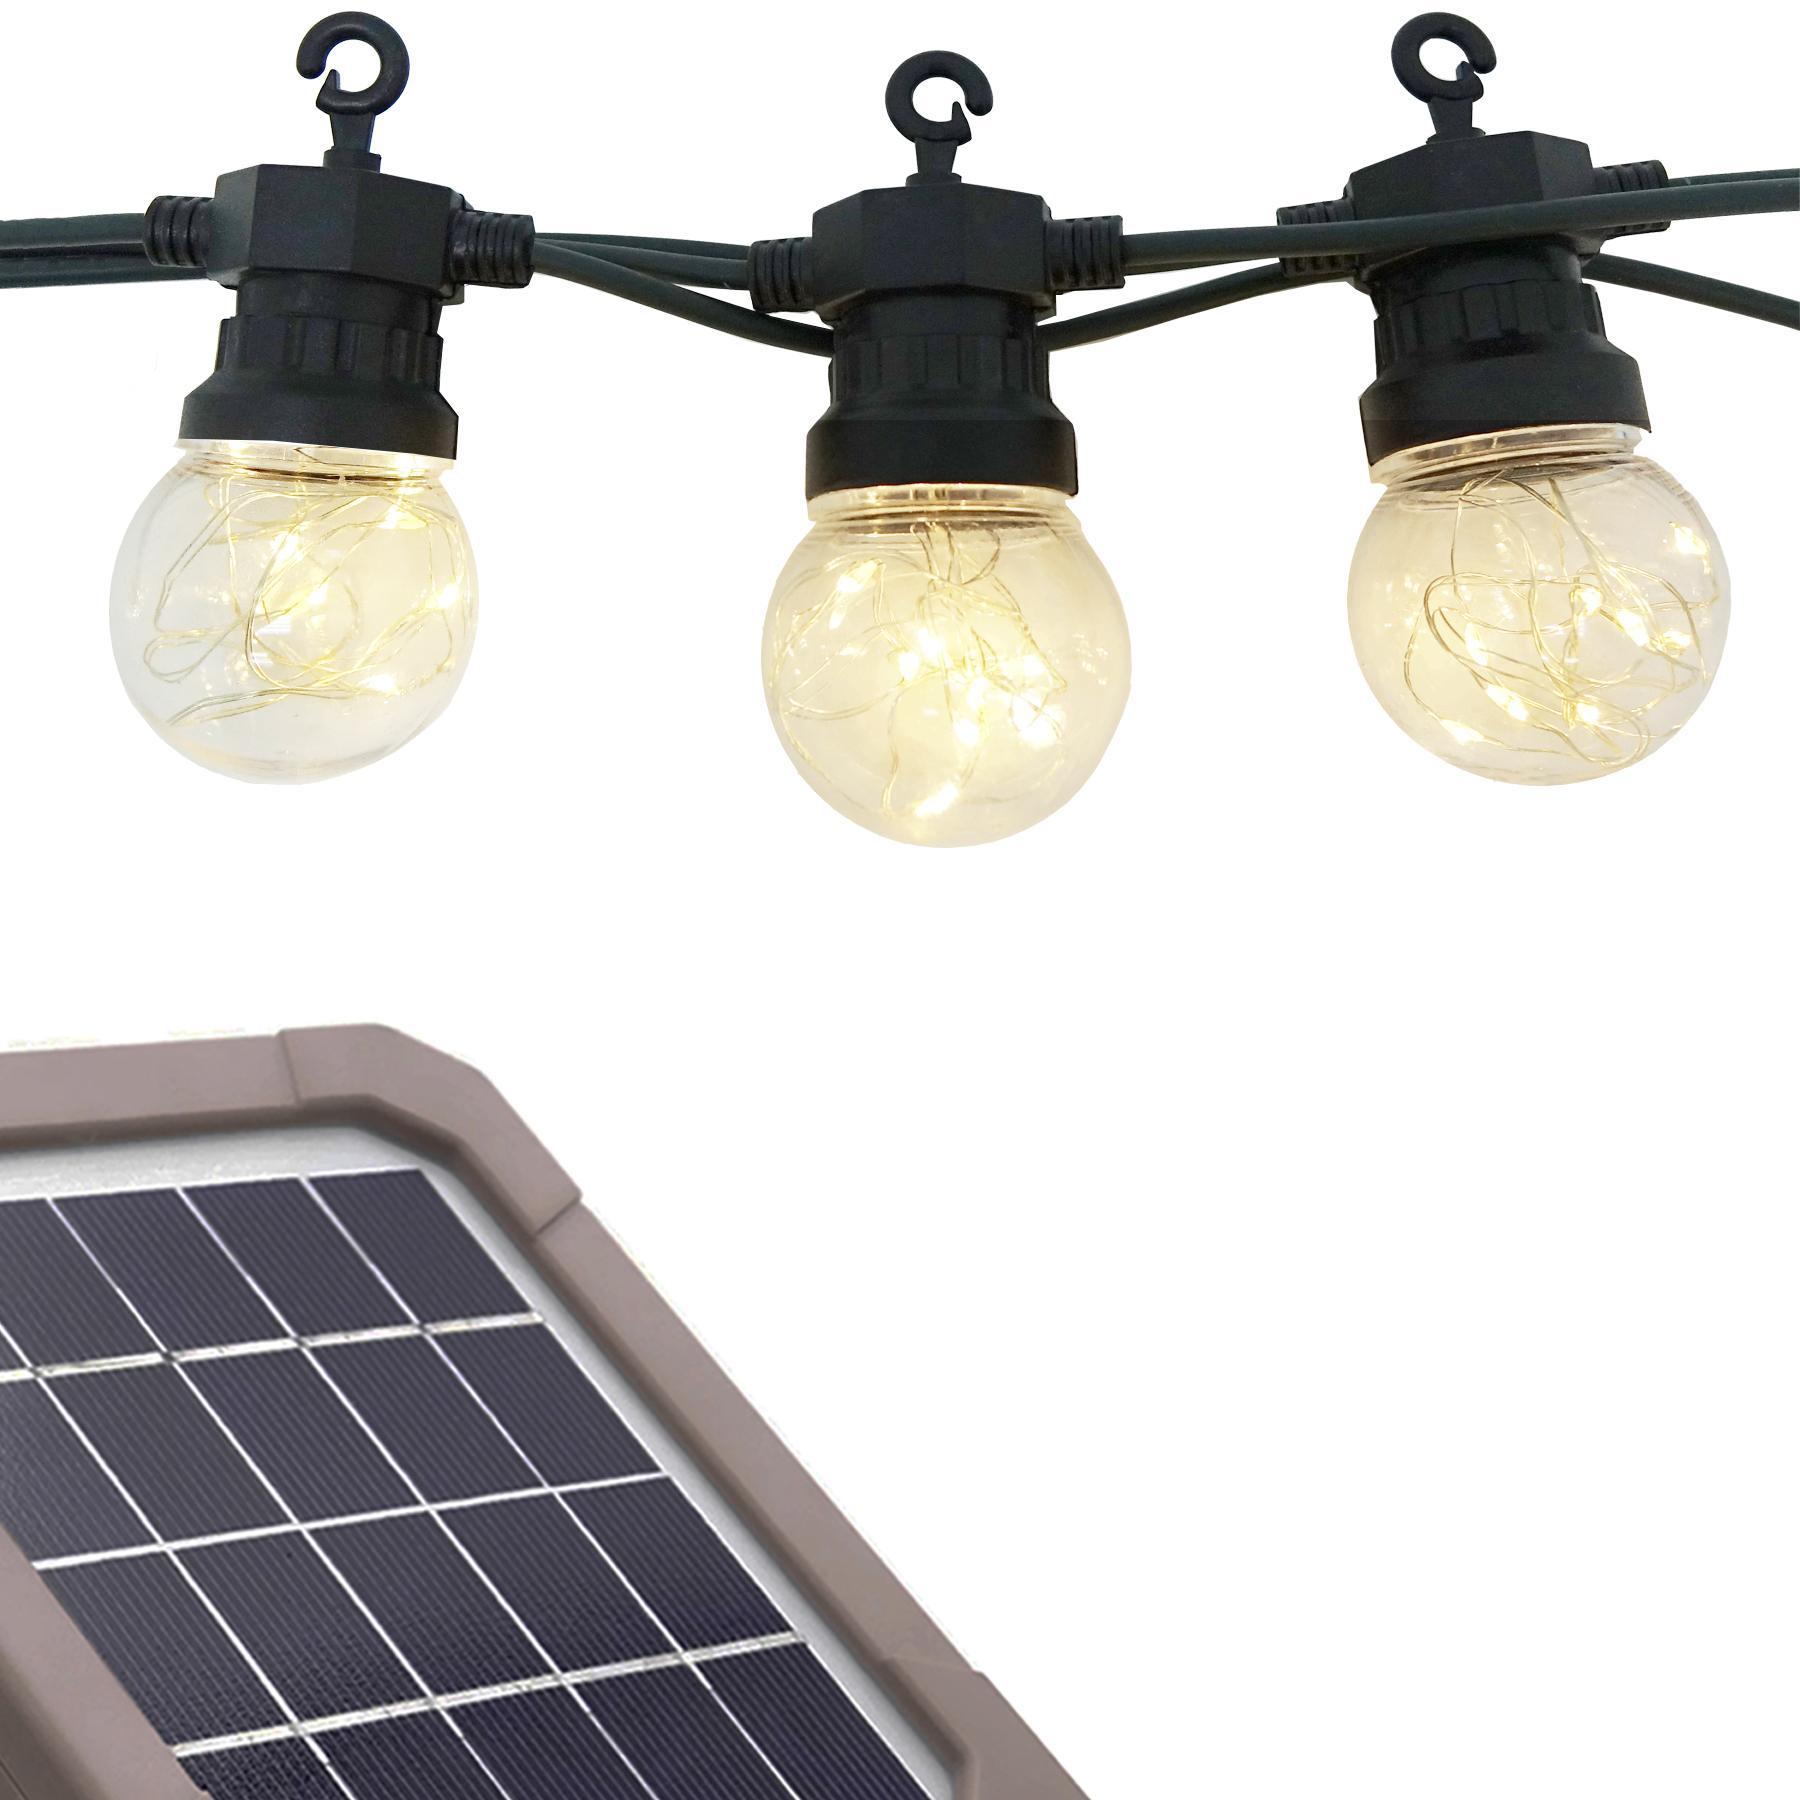 Philippe Vintage Solar Light Bulb - 10 bulbs